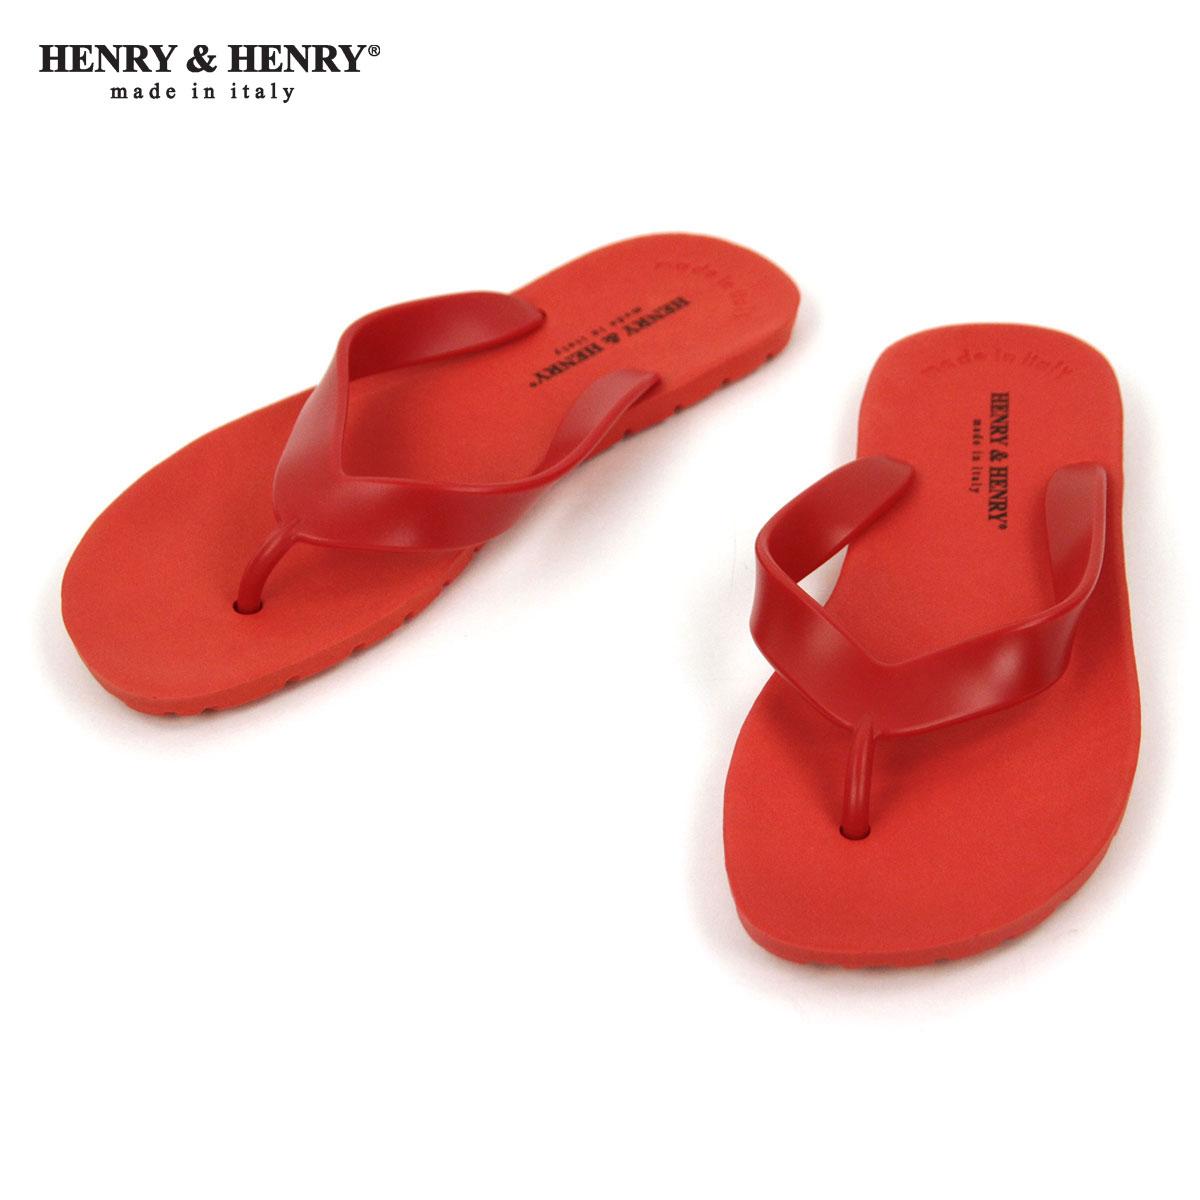 ヘンリーアンドヘンリー HENRY&HENRY 正規販売店 サンダル フリッパー FRIPPER SANDAL ROSSO 17 A66B B3C C4D D3E E11F